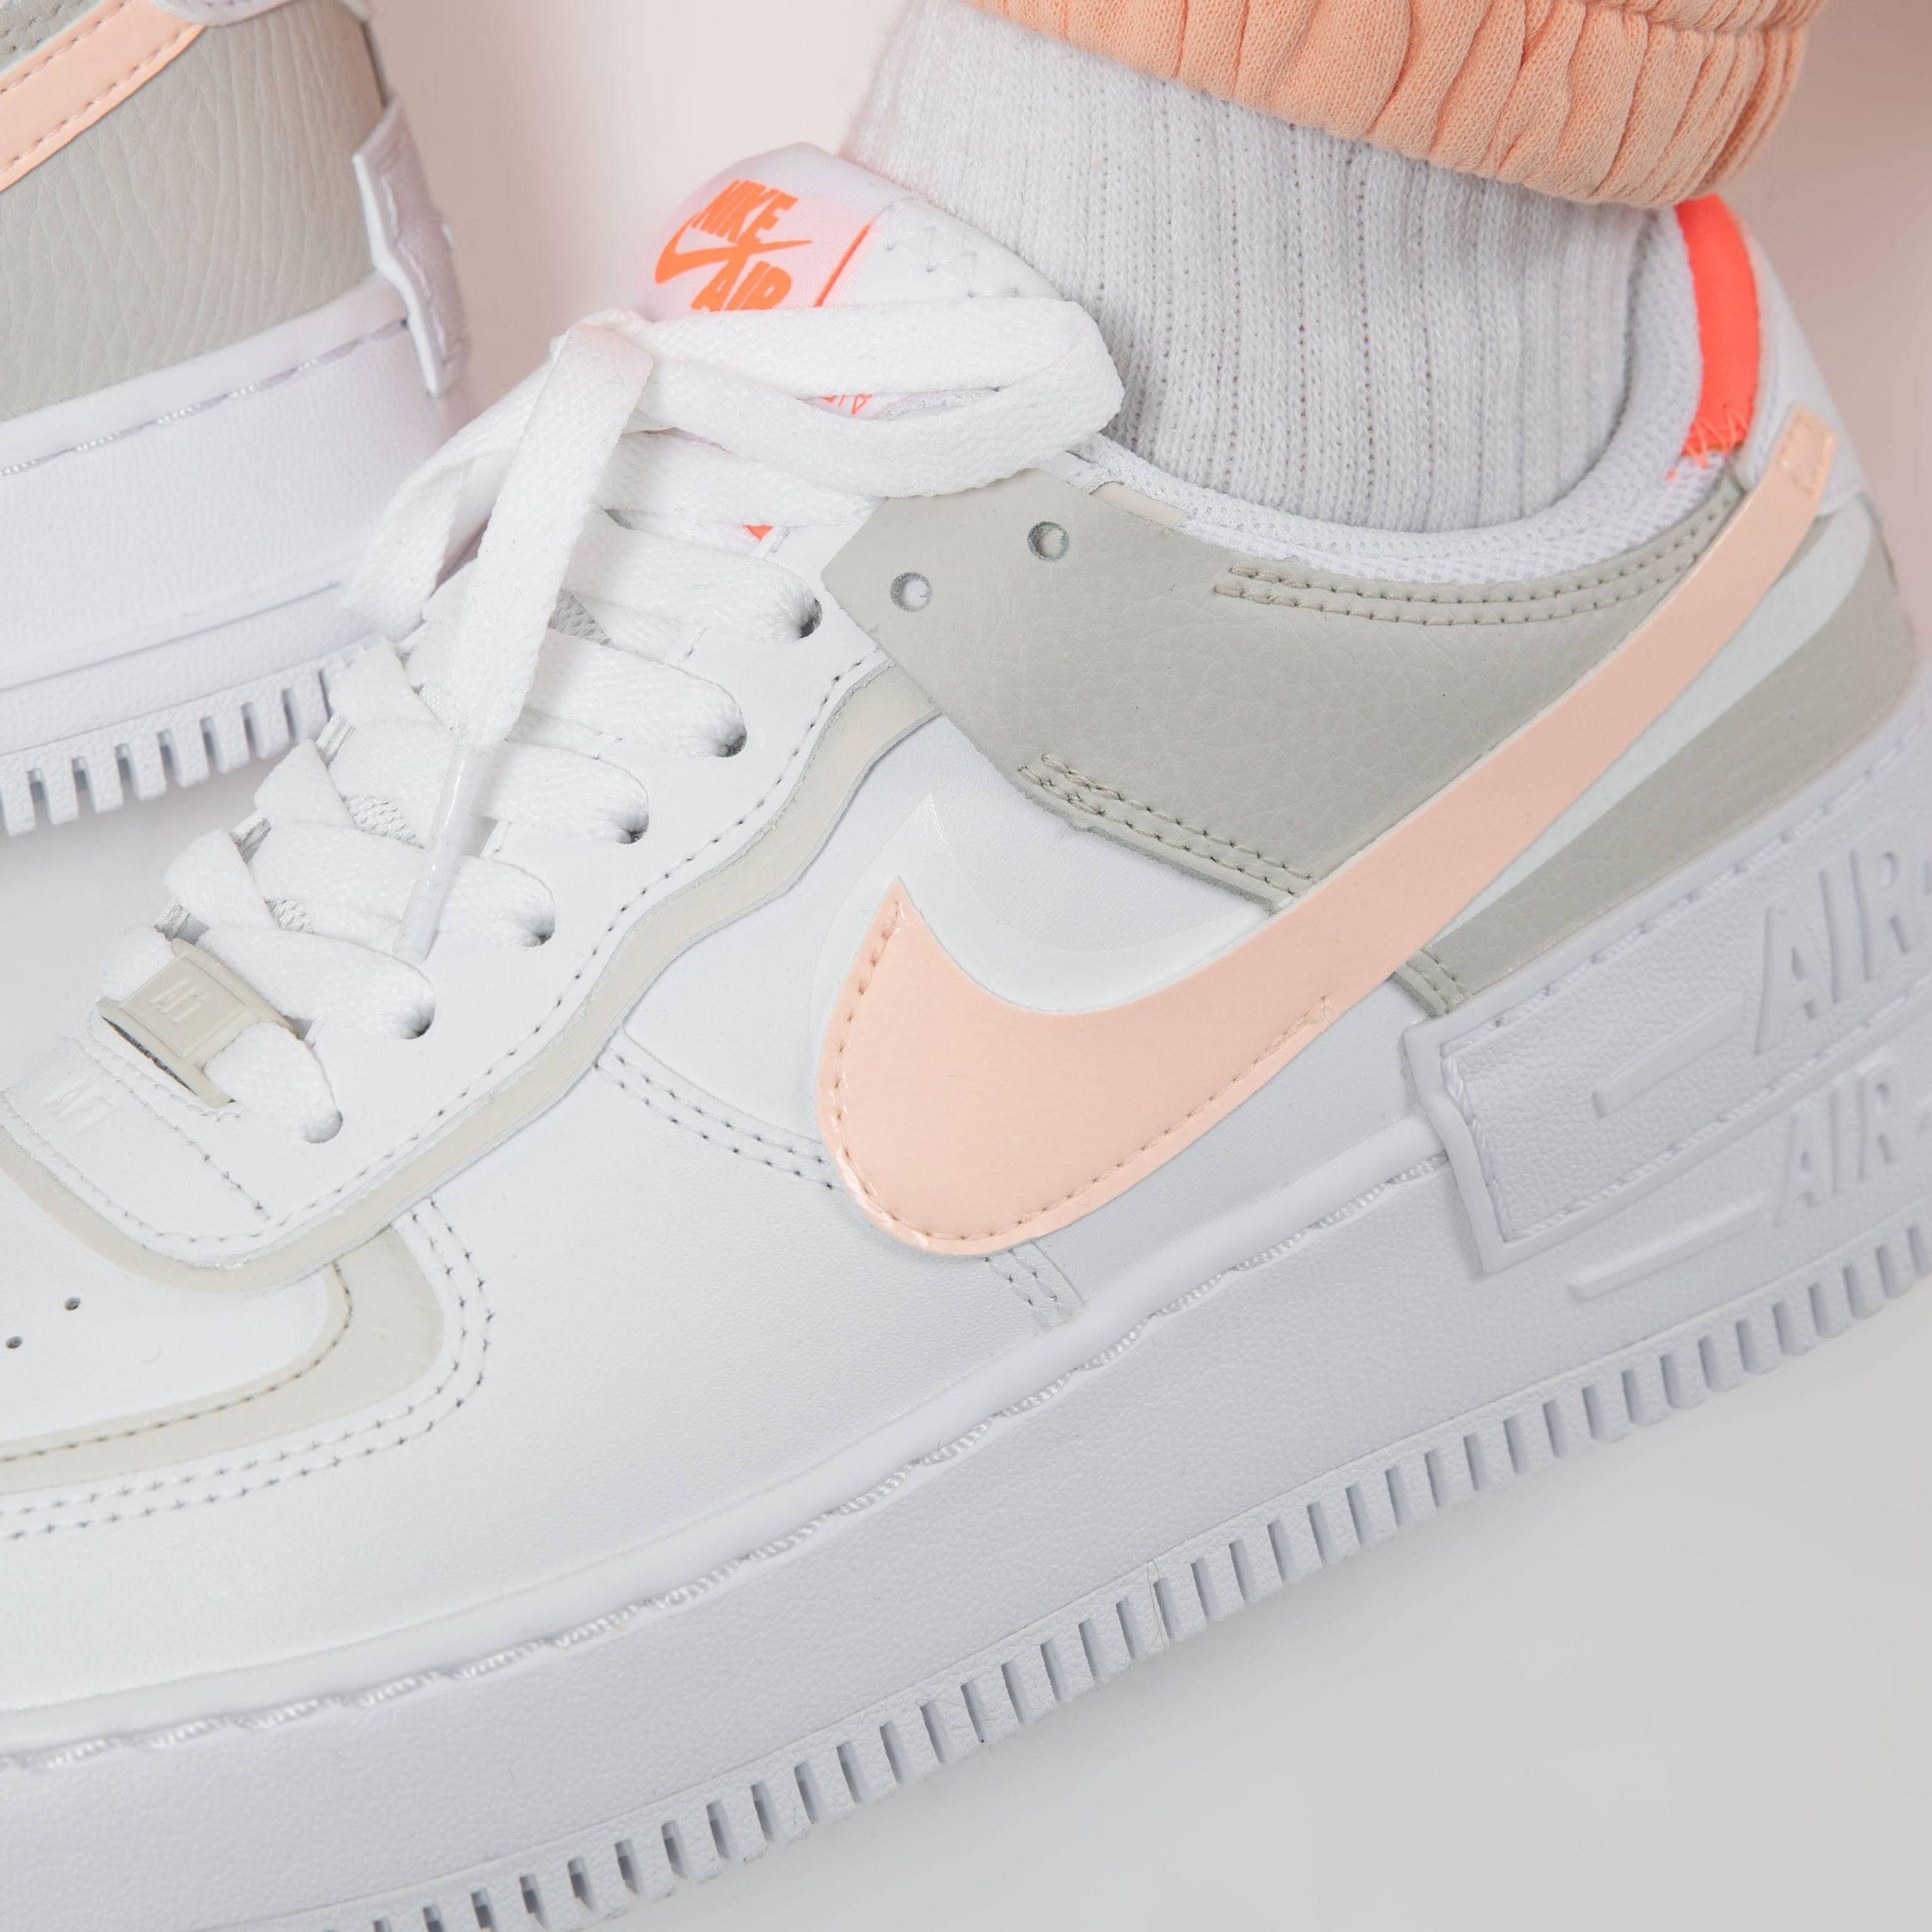 """ナイキ ウィメンズ エア フォース 1 シャドウ """"ブライト マンゴー"""" Nike-WMNS-Air-Force-1-Shadow-Bright-Mango-DH3896-100-pair-on-feet-2"""